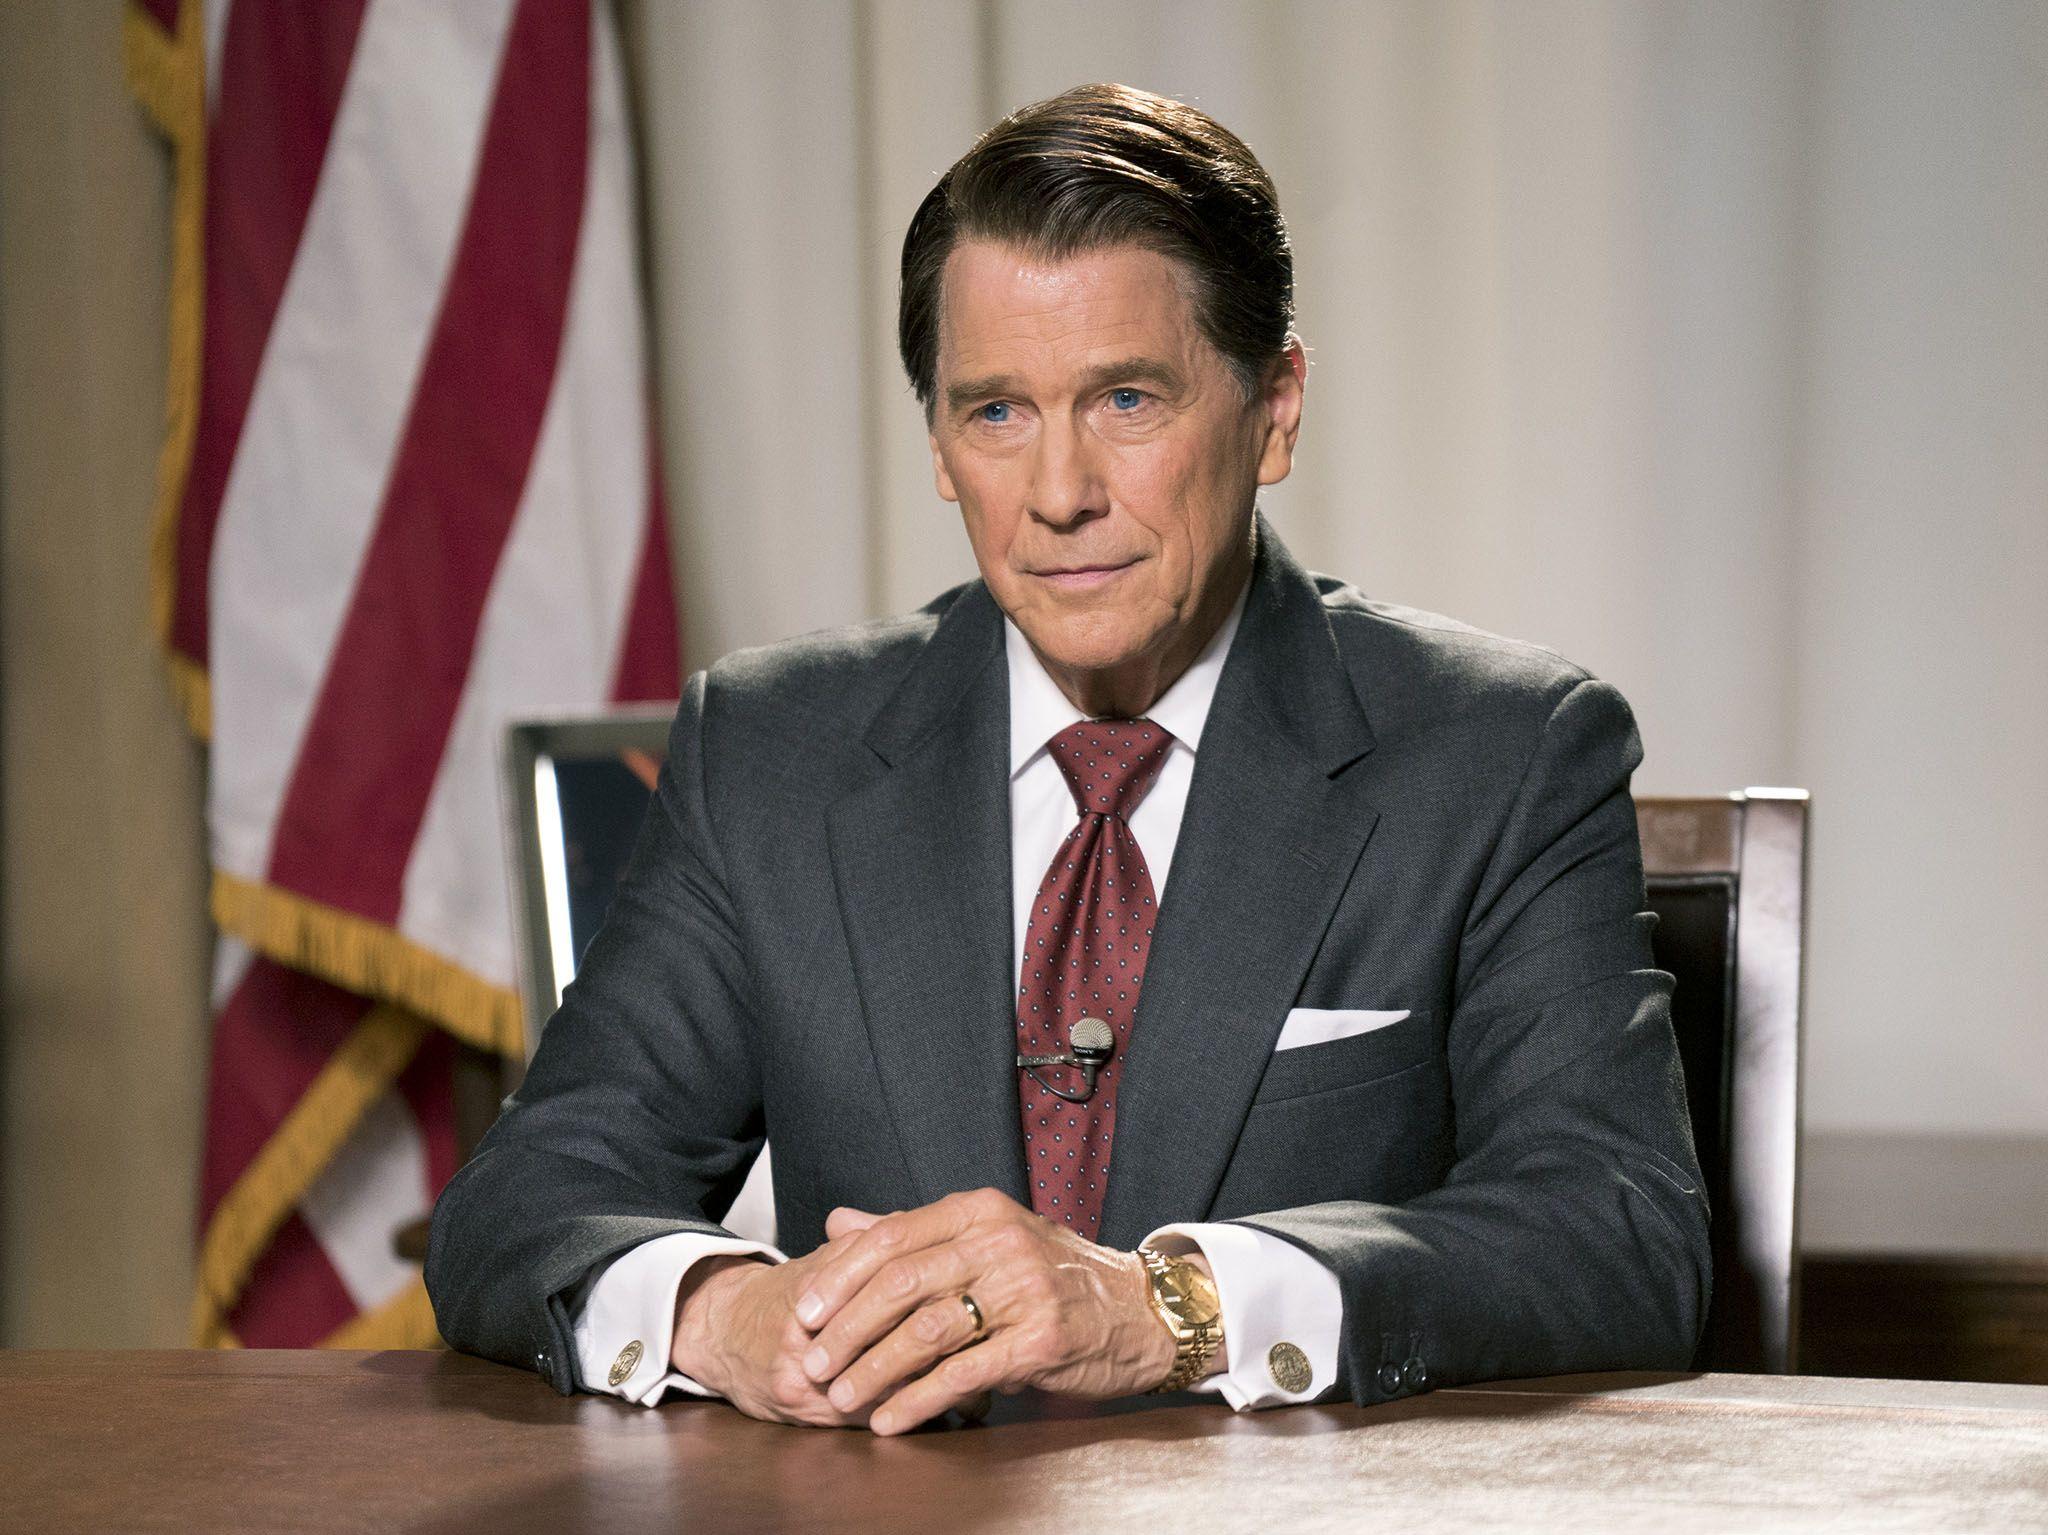 تيم ماثيسون (ممثل شخصية رونالد ريجان) في Killing Reagan.  هذه... [Photo of the day - يناير 2017]